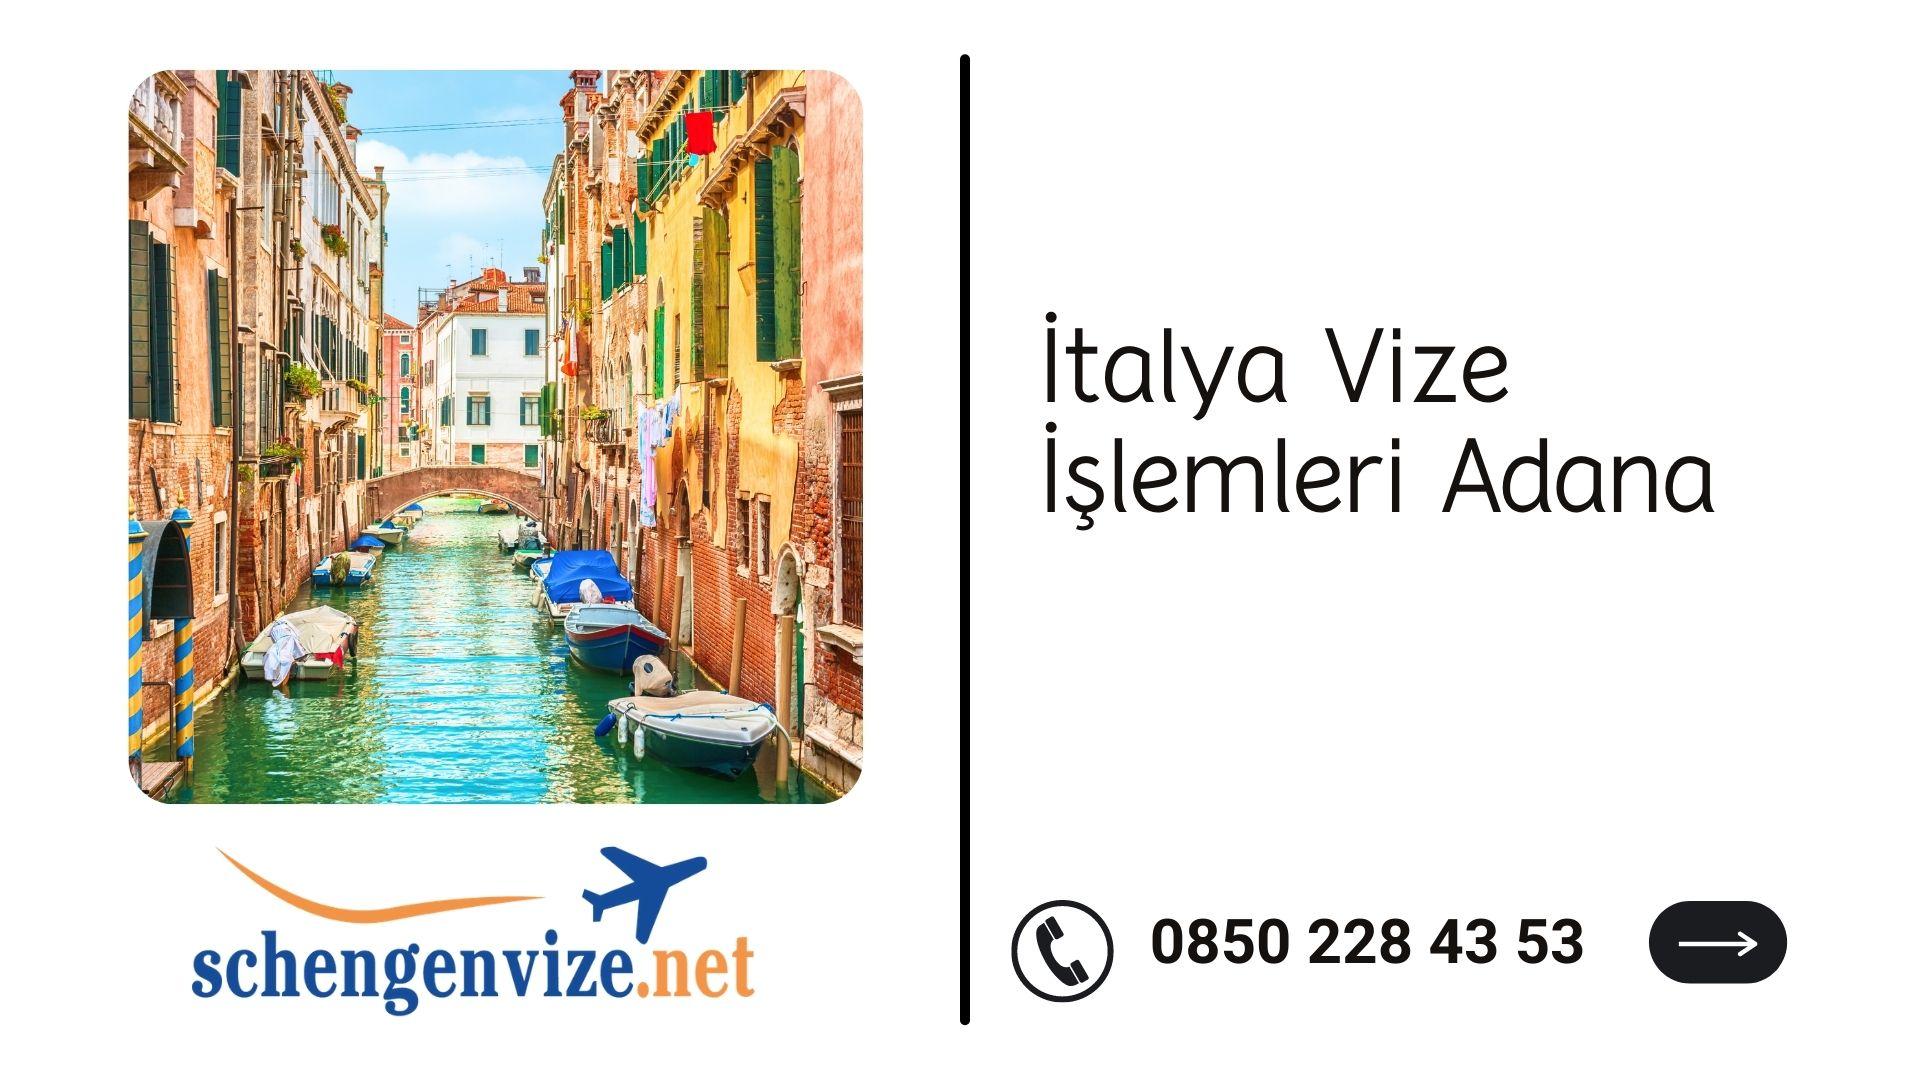 İtalya Vize İşlemleri Adana